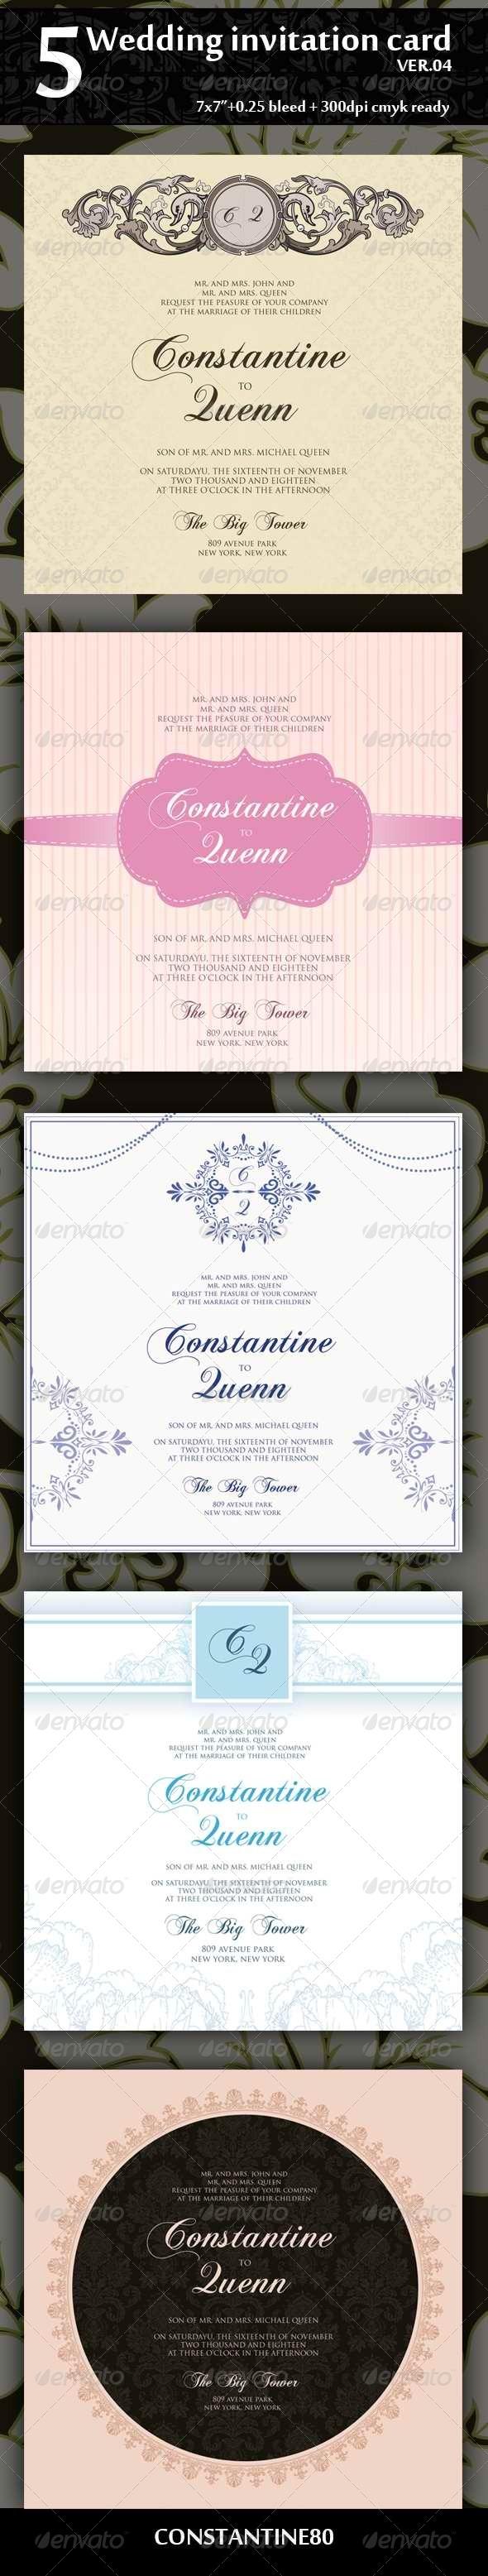 GraphicRiver 5 Wedding Invitation 7x7 Ver.04 4318481